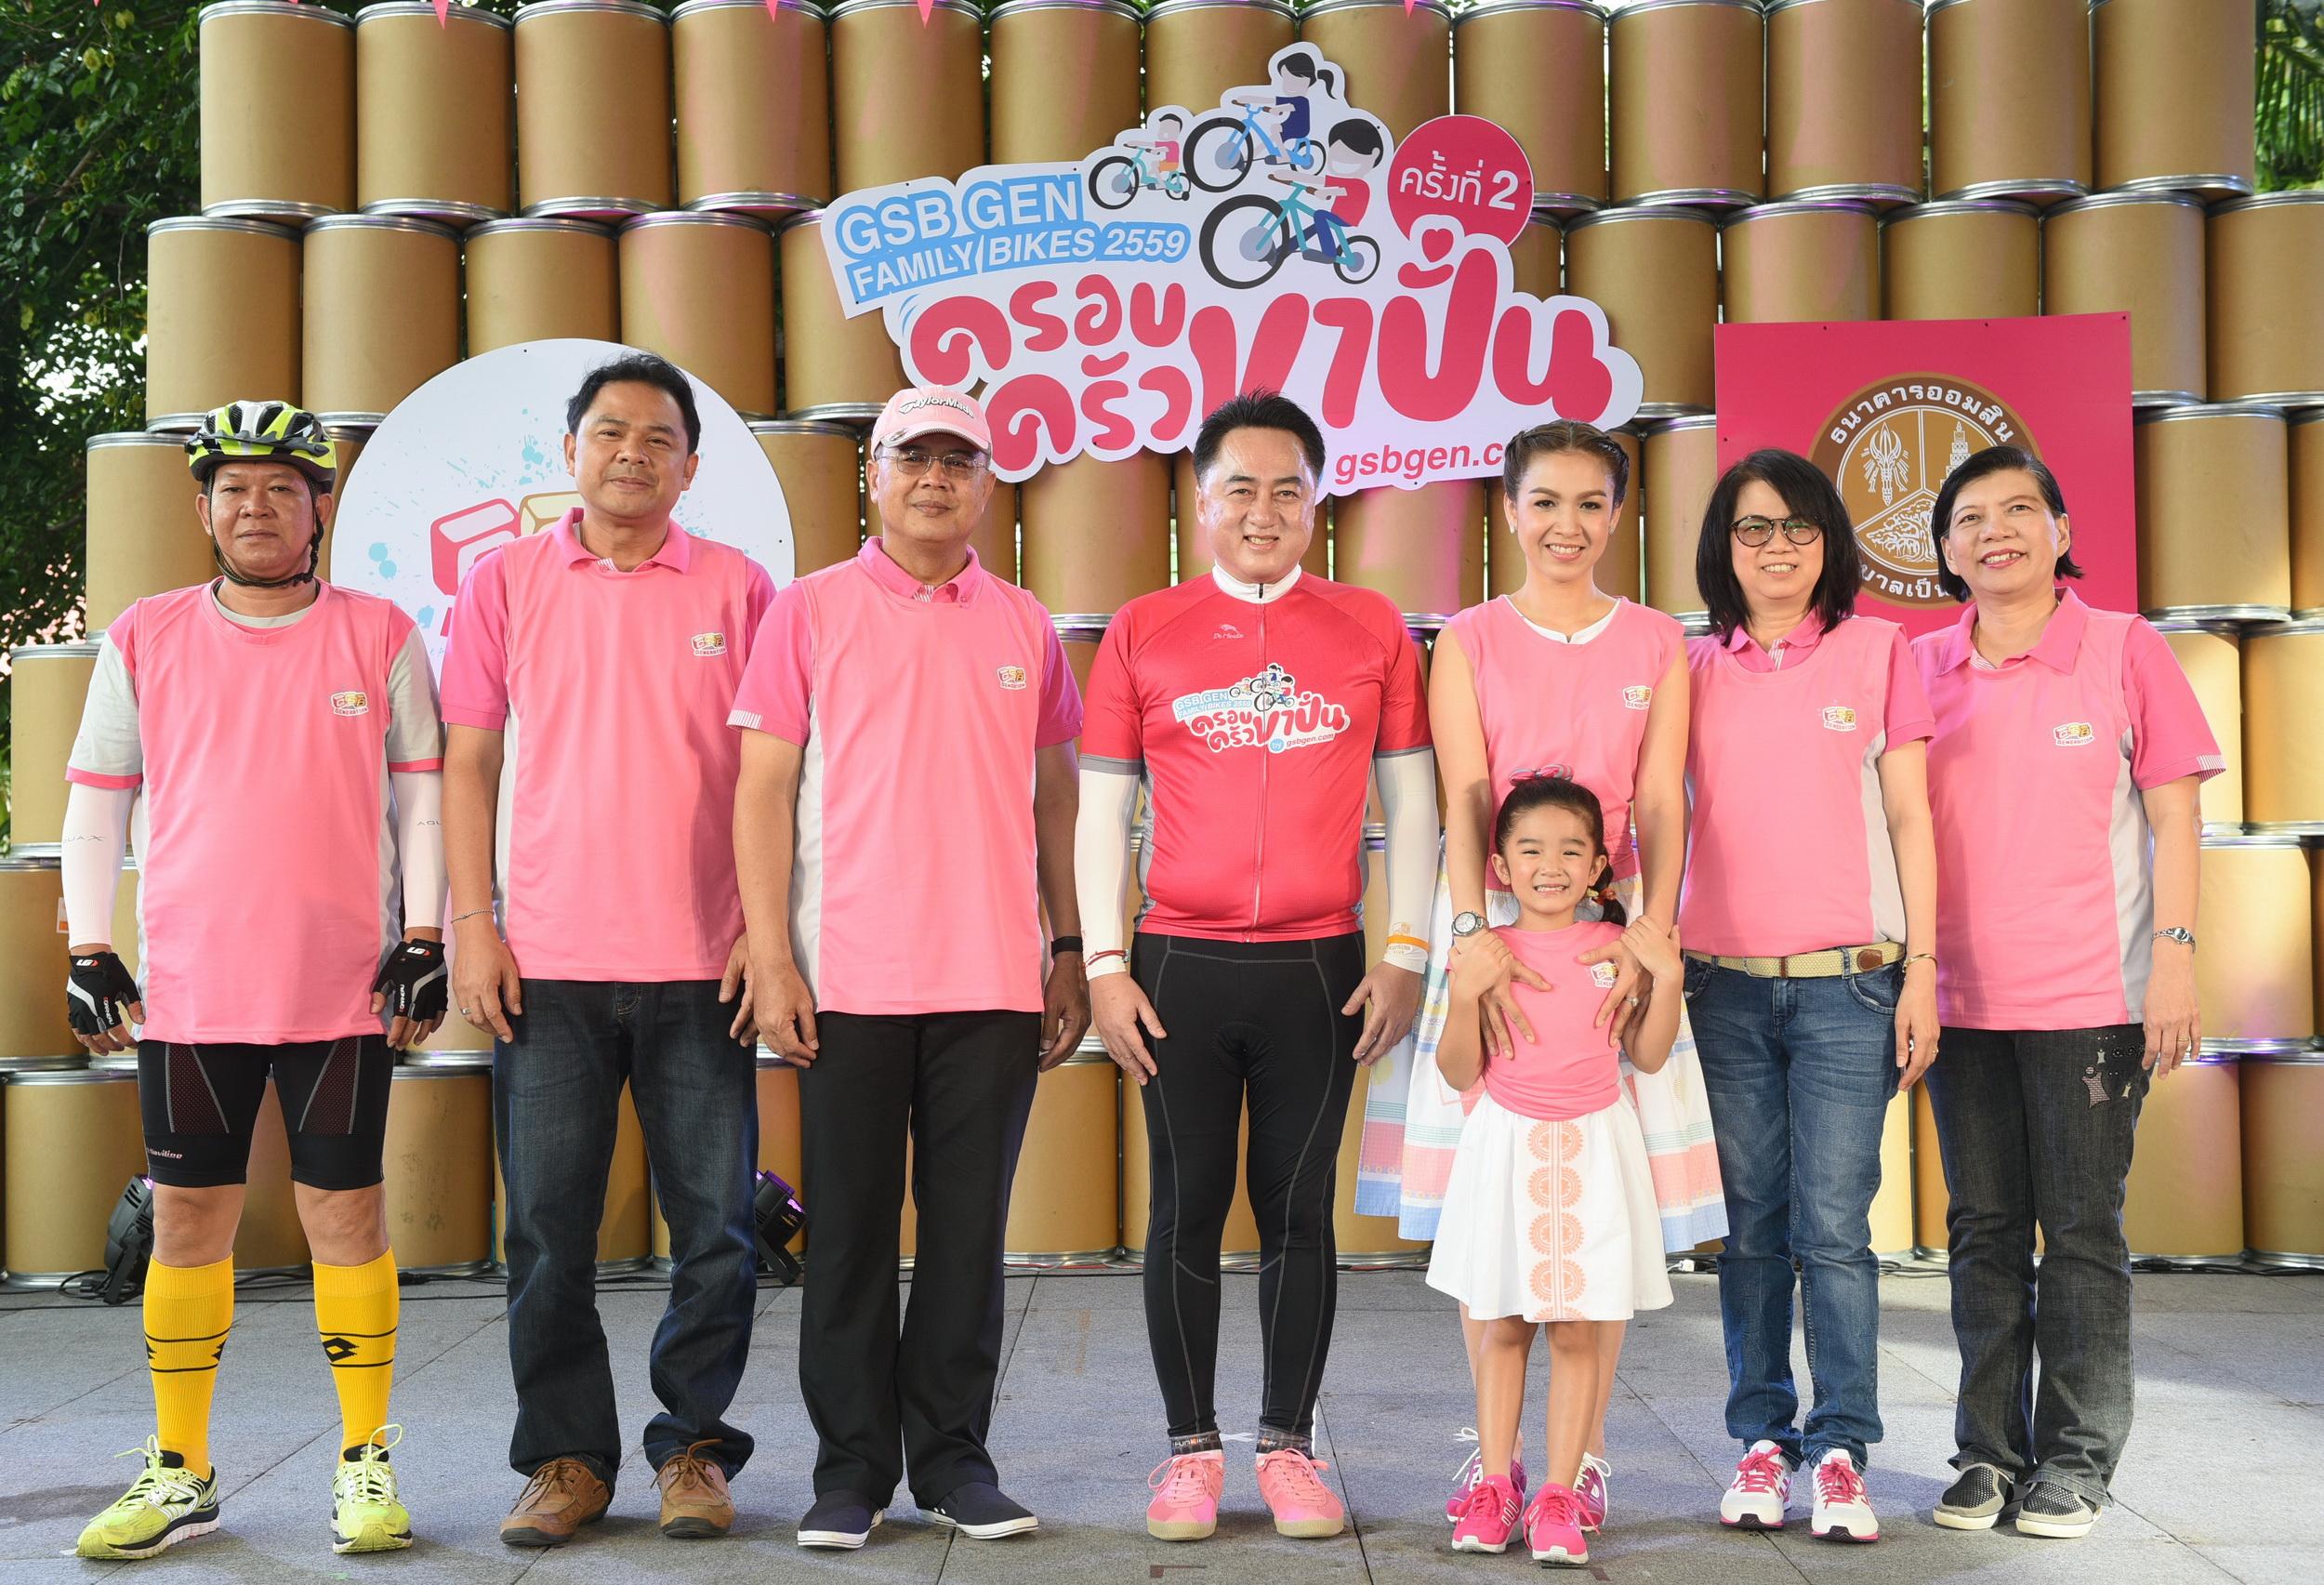 ร่วมเปิดงาน GSB GEN FAMILY BIKES 2559 ครั้งที่ 2